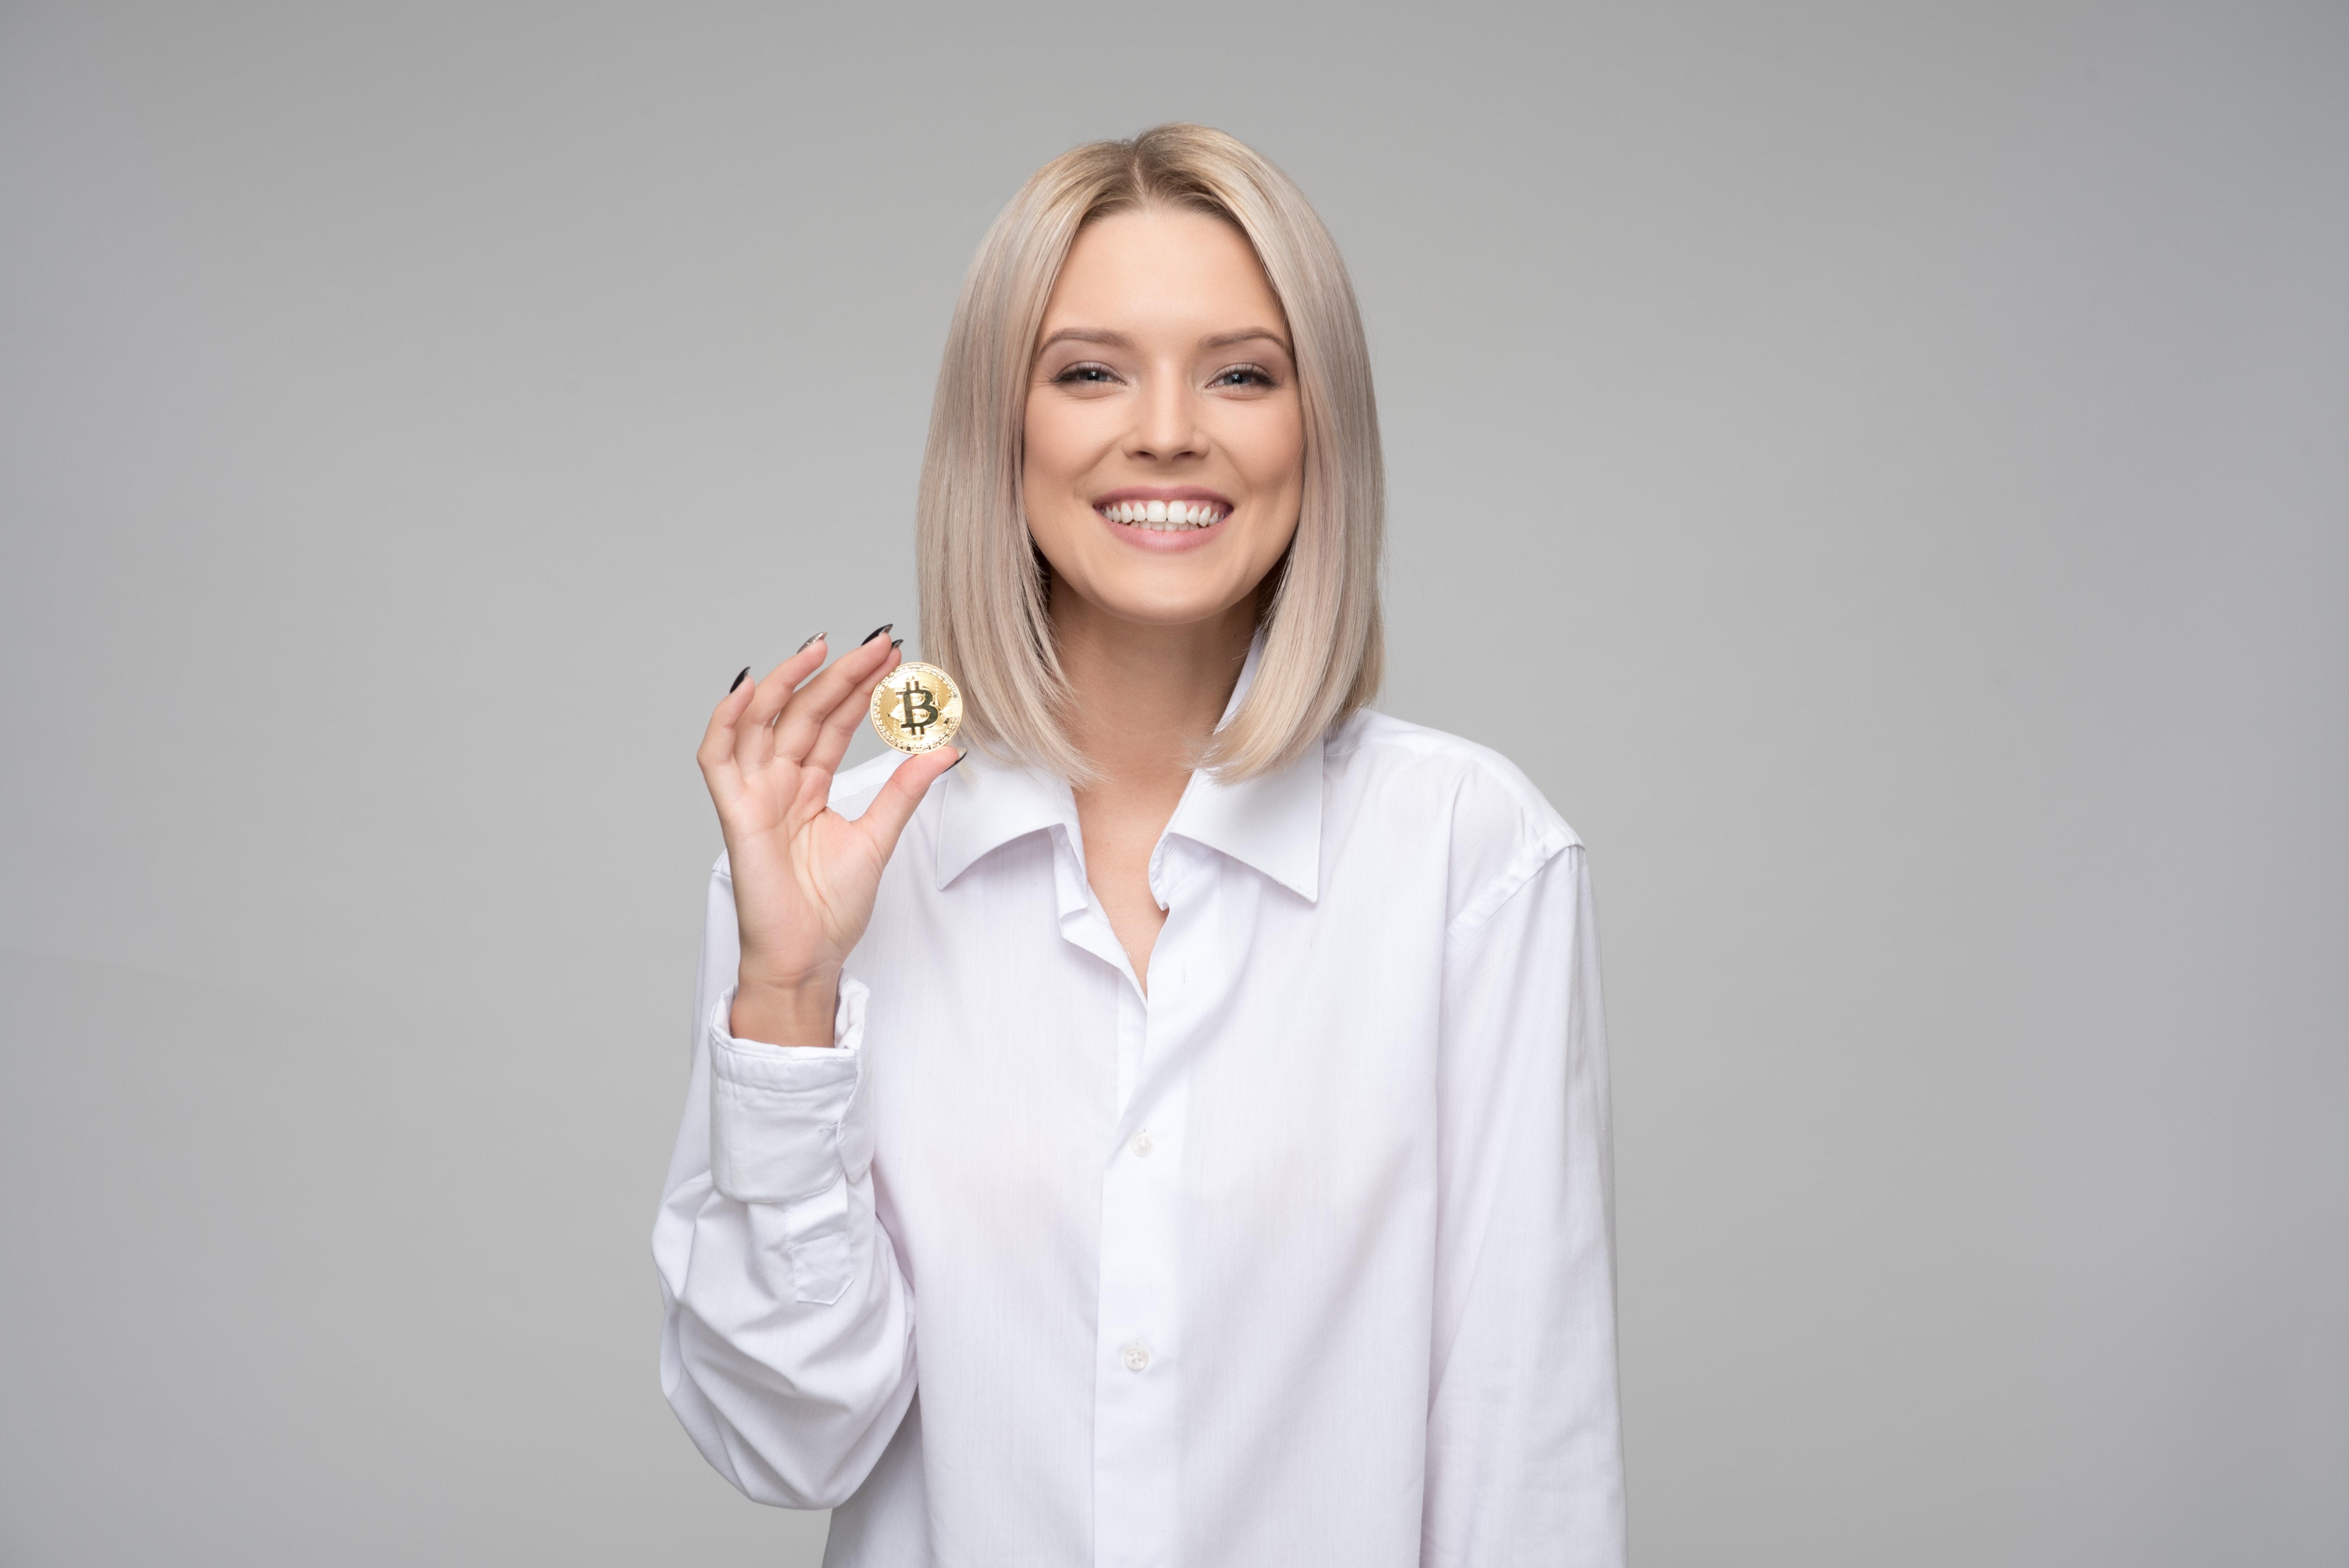 Pexels.com - Die Arbeiterin: Welcher Friseurtyp bist du? Friseutypen, Friseurtest